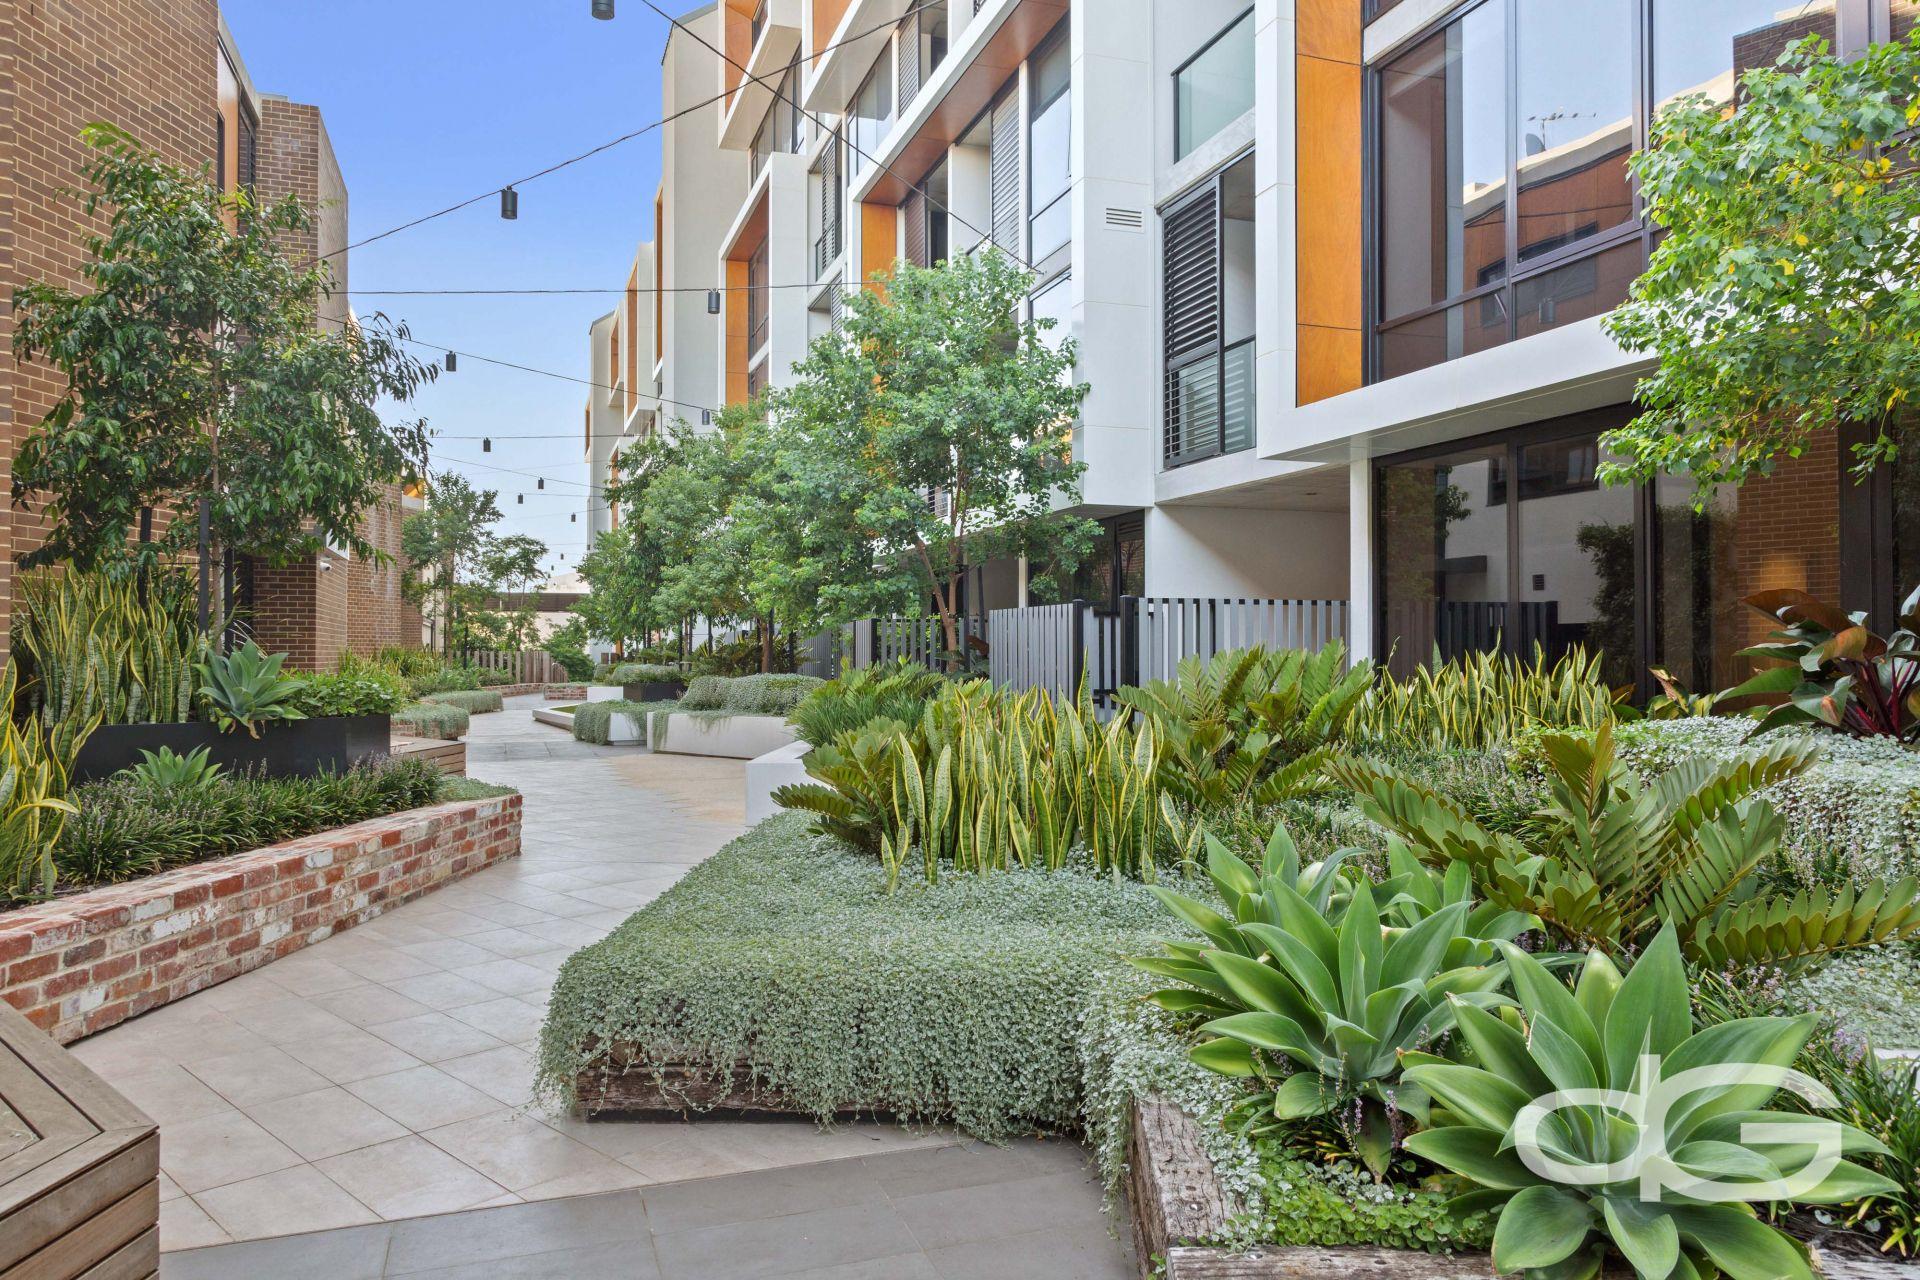 99/51 Queen Victoria Street, Fremantle